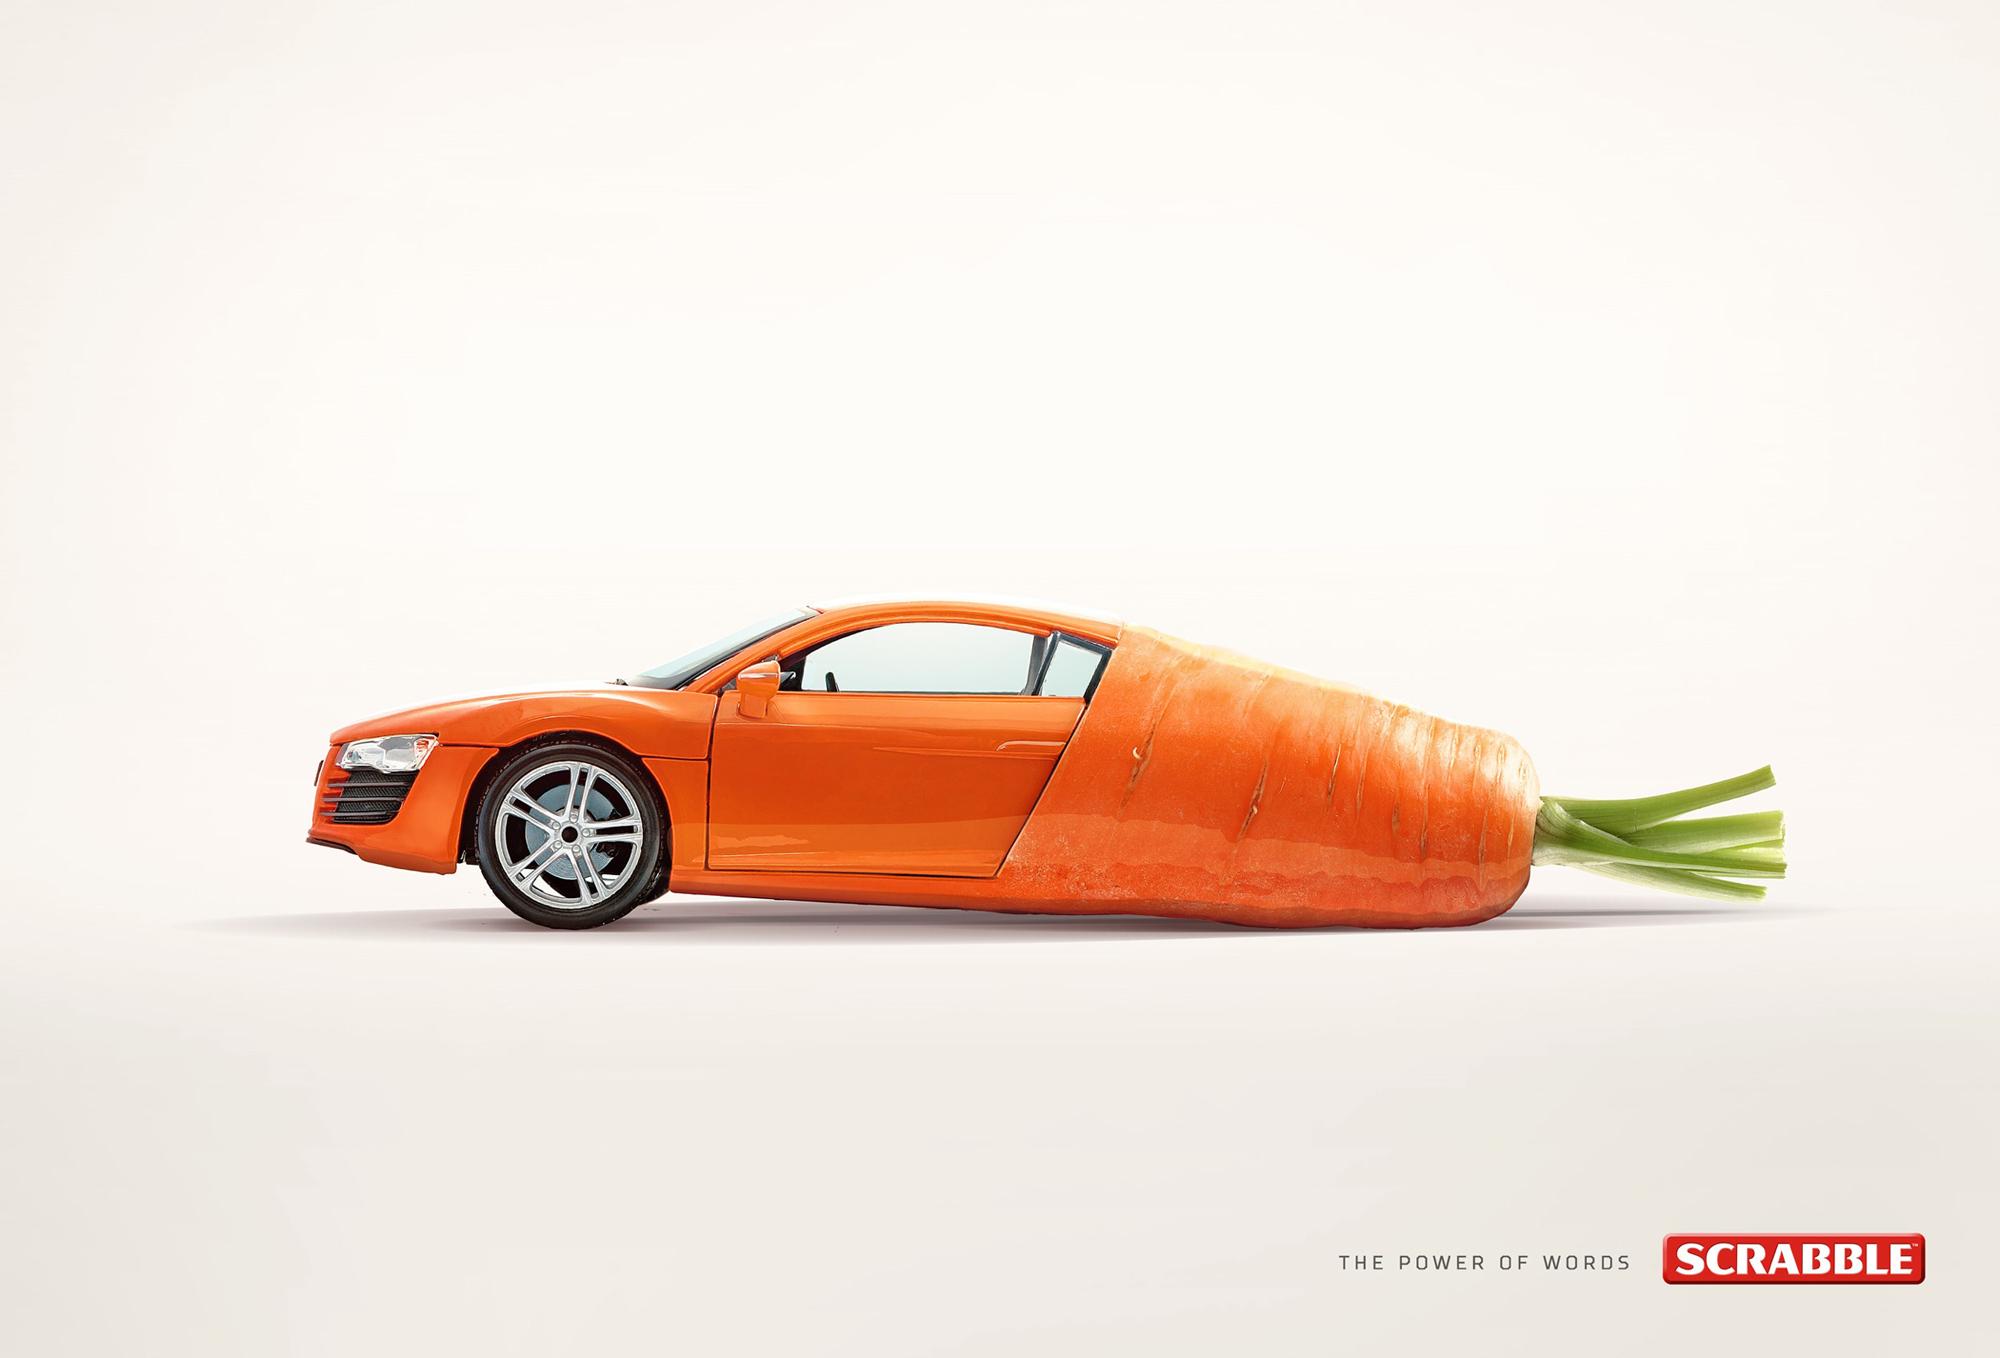 thepowerofwordsscrabble_carrot